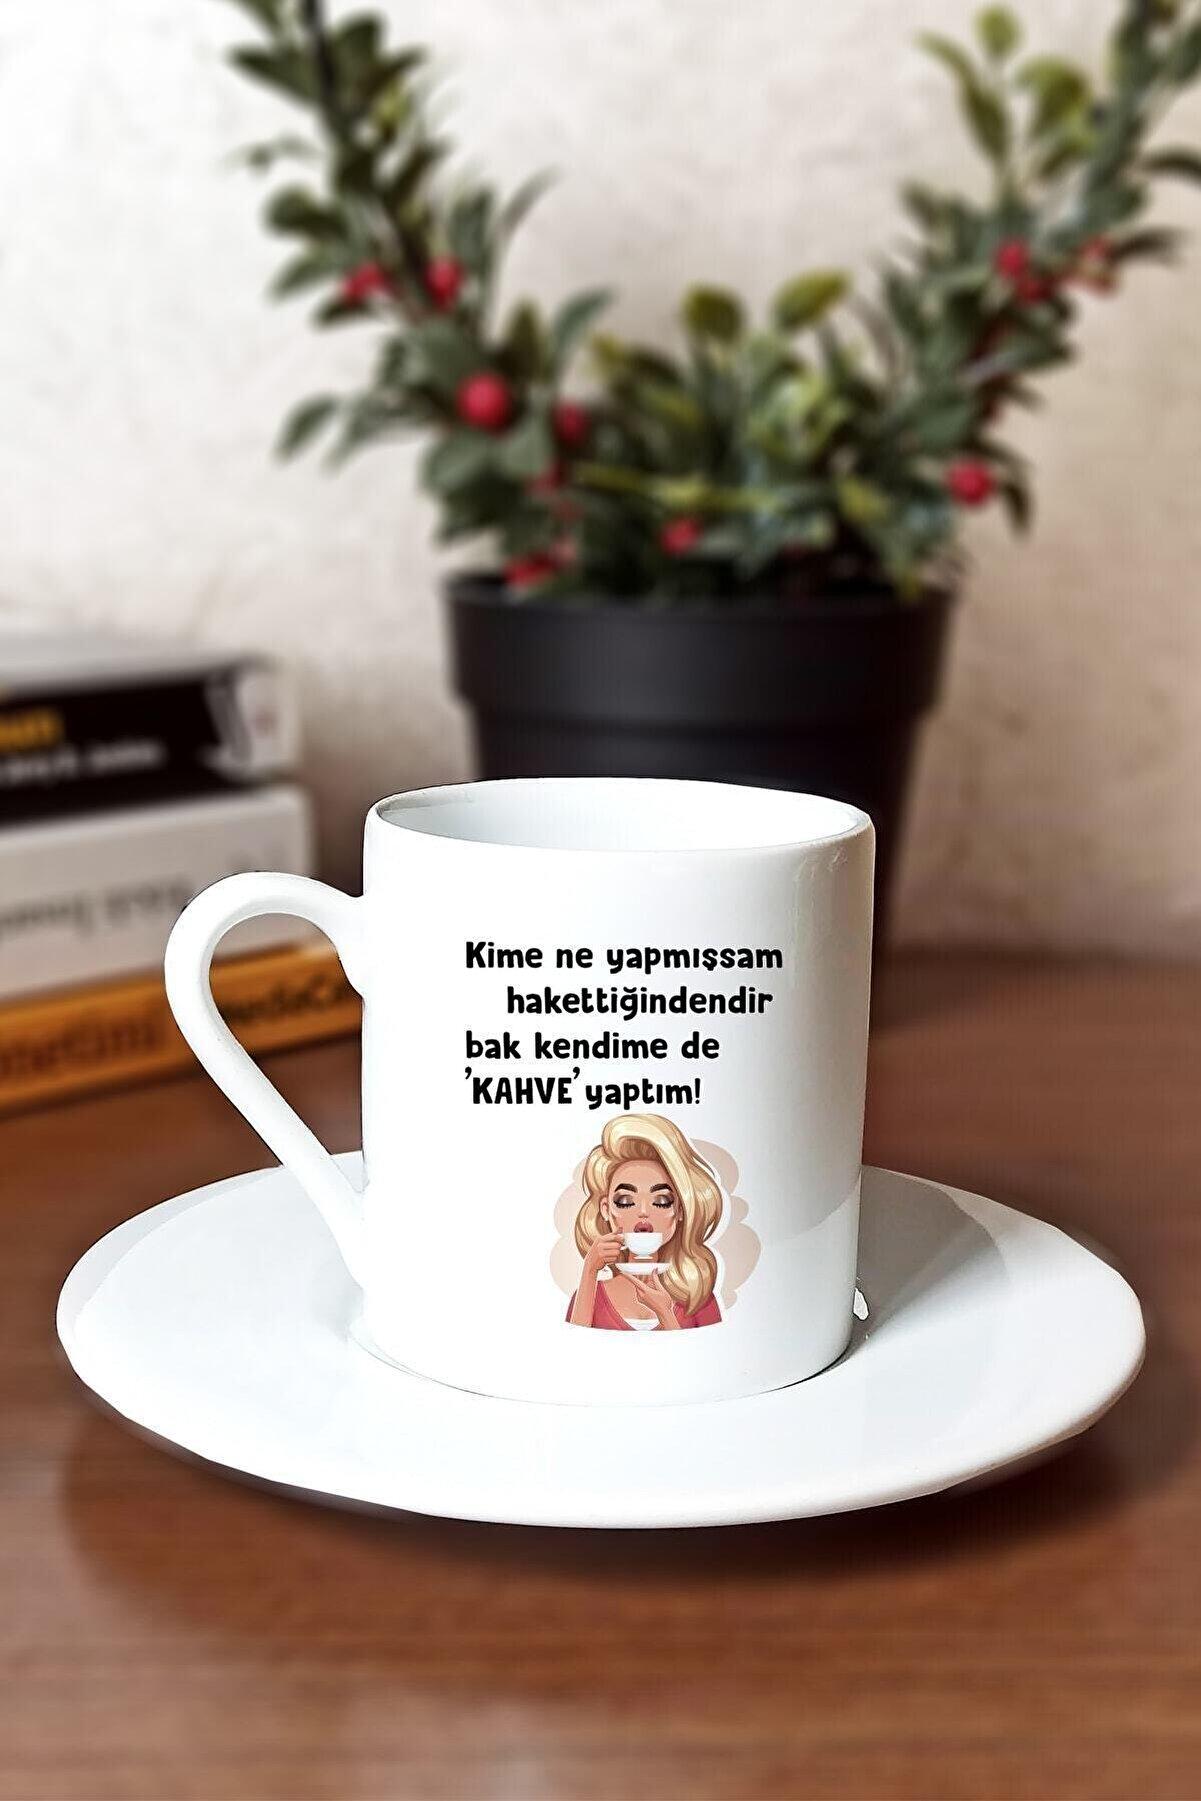 Şahane Kupa Bak Kendime De Kahve Yaptım Baskılı Beyaz Türk Kahvesi Fincanı